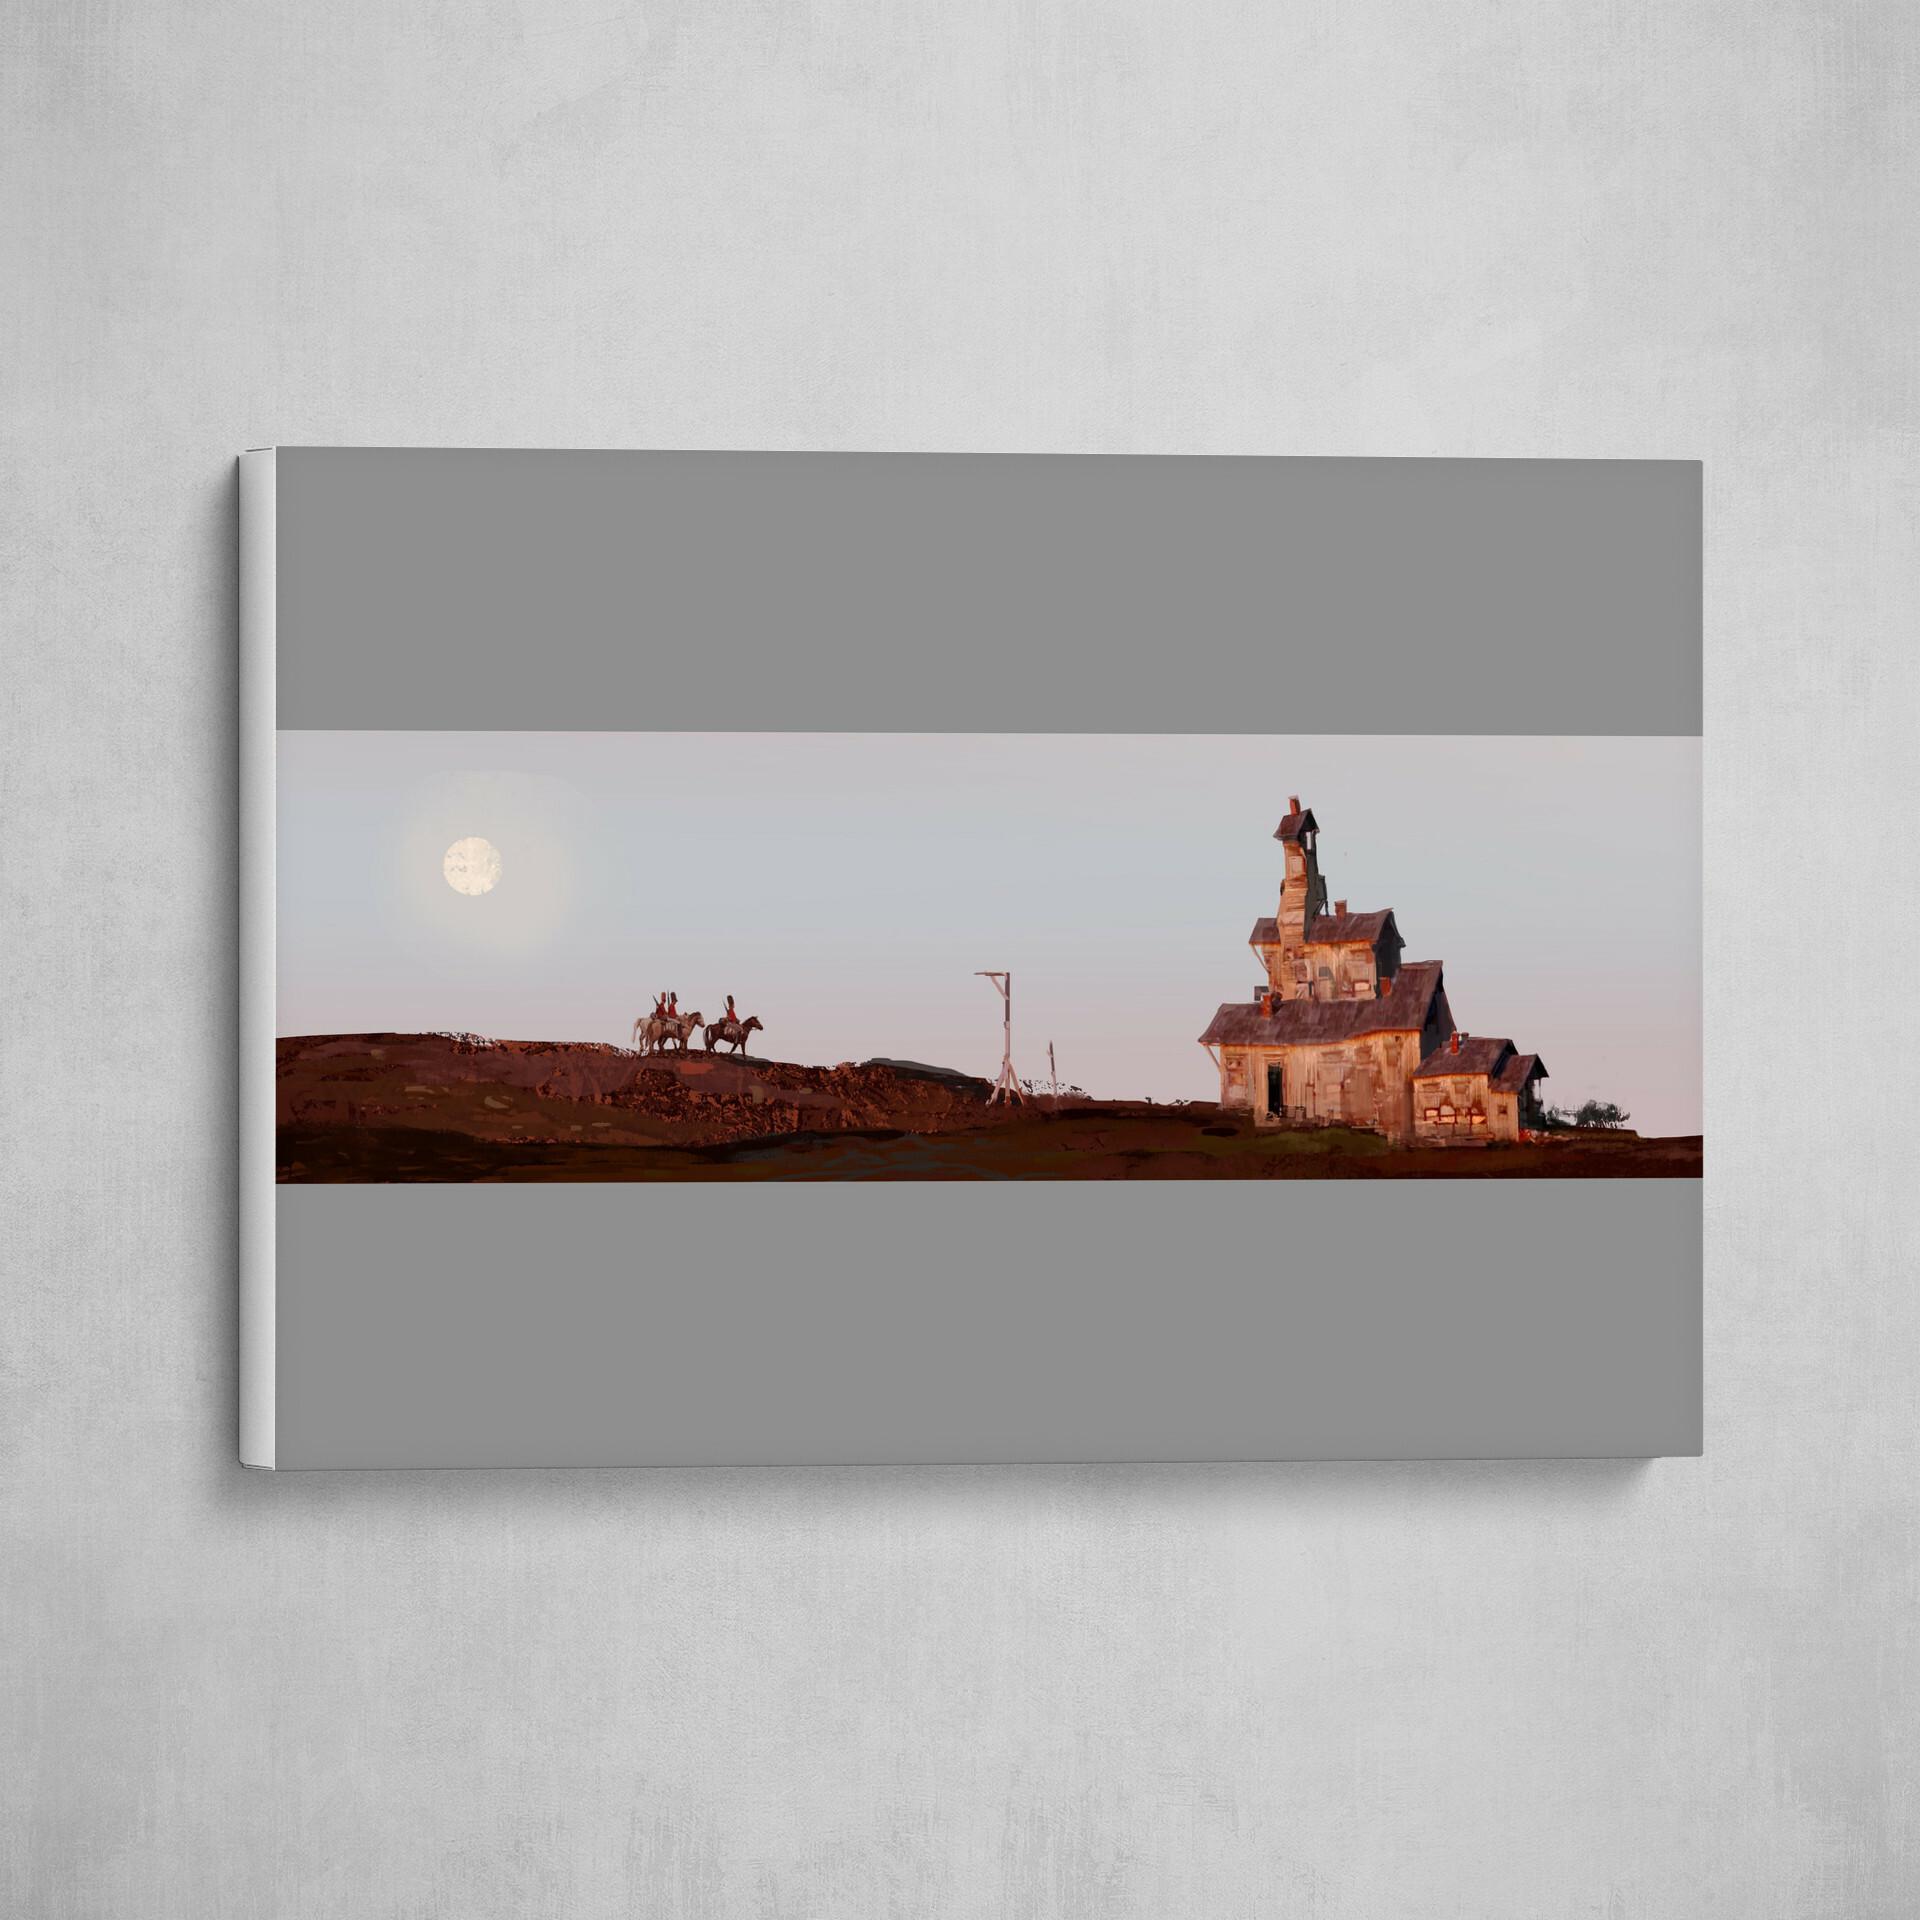 Andrei riabovitchev file 17